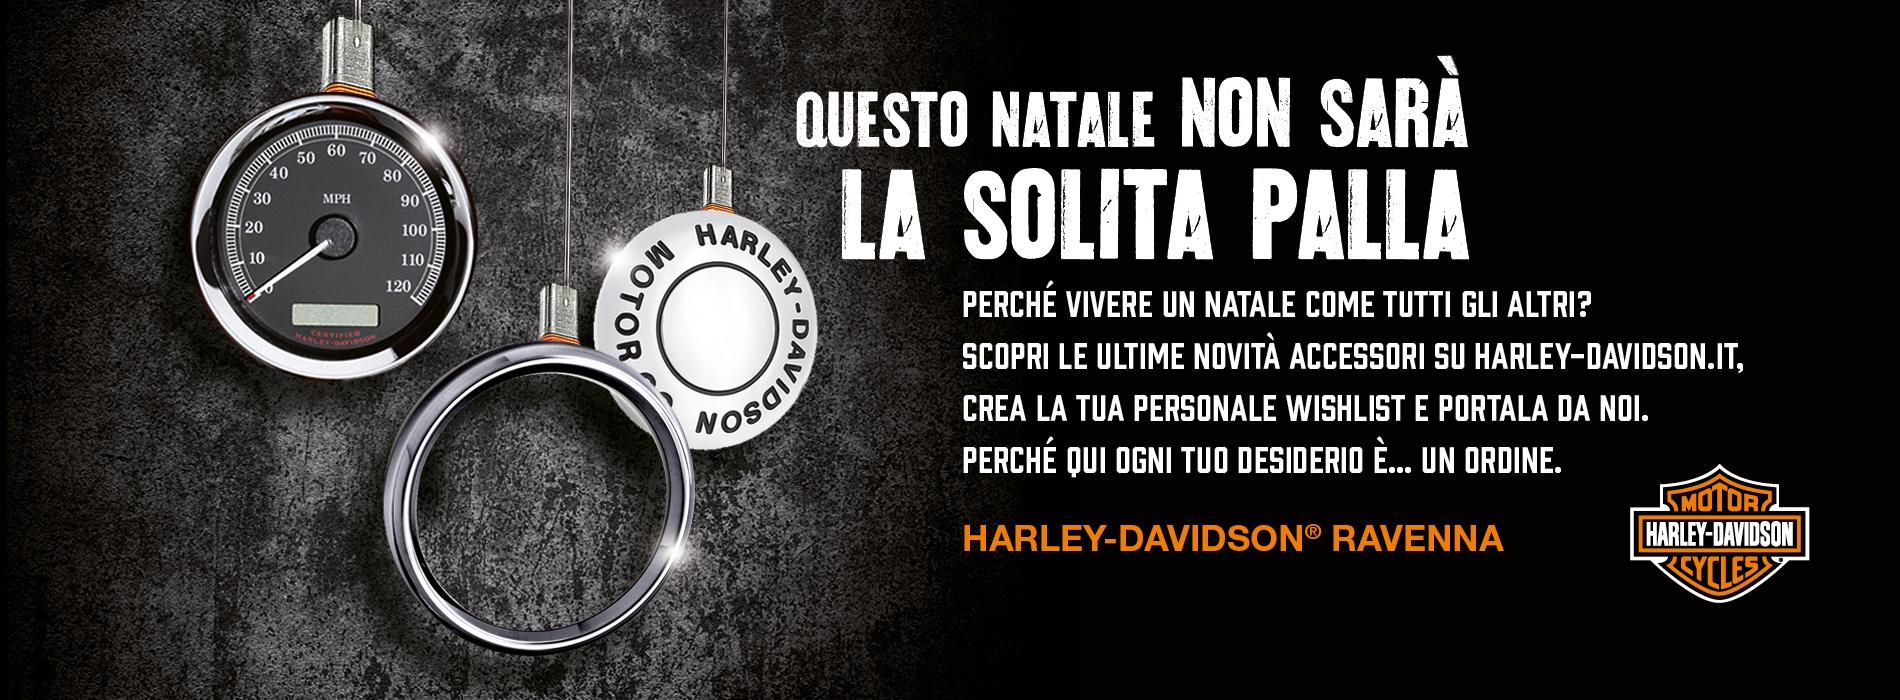 harley-davidson ravenna